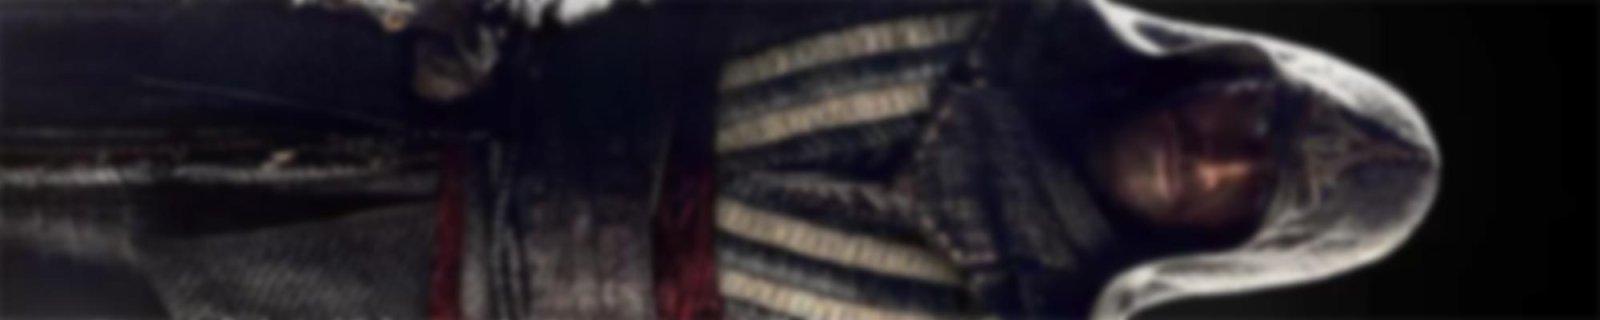 法鲨的刺客定妆照和说得不一样啊